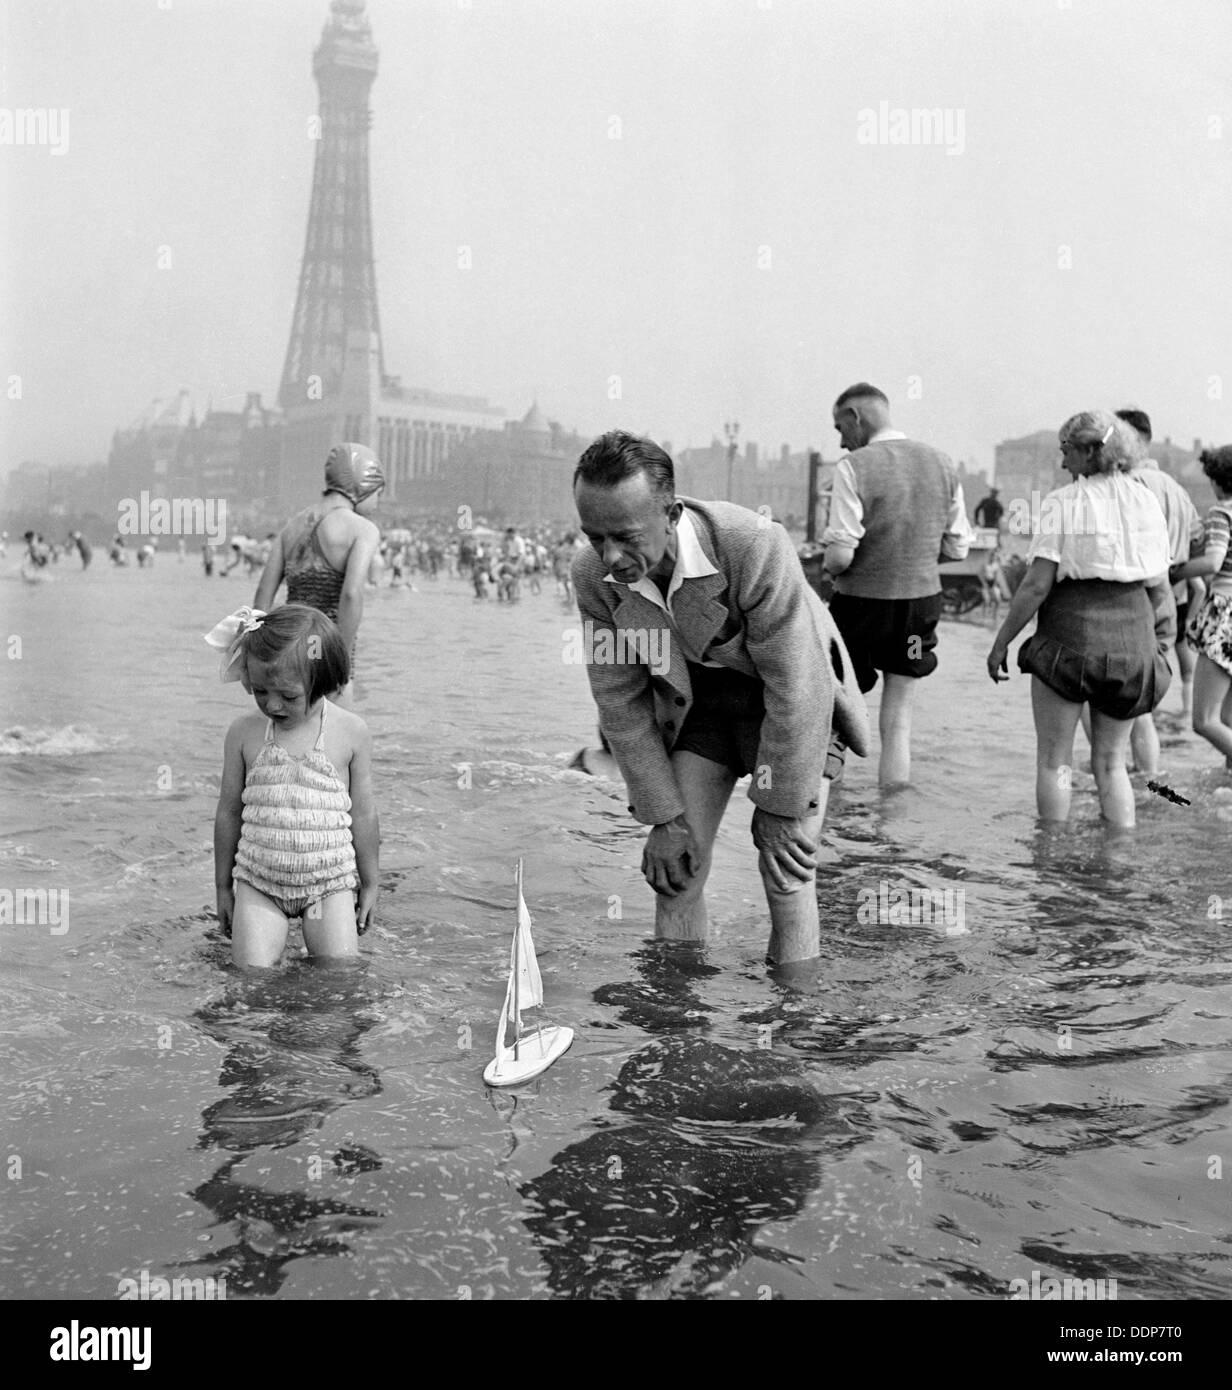 Un père et sa fille un modèle de voile yacht dans la mer, à Blackpool, c1946-1955. Artiste: John Gay Photo Stock